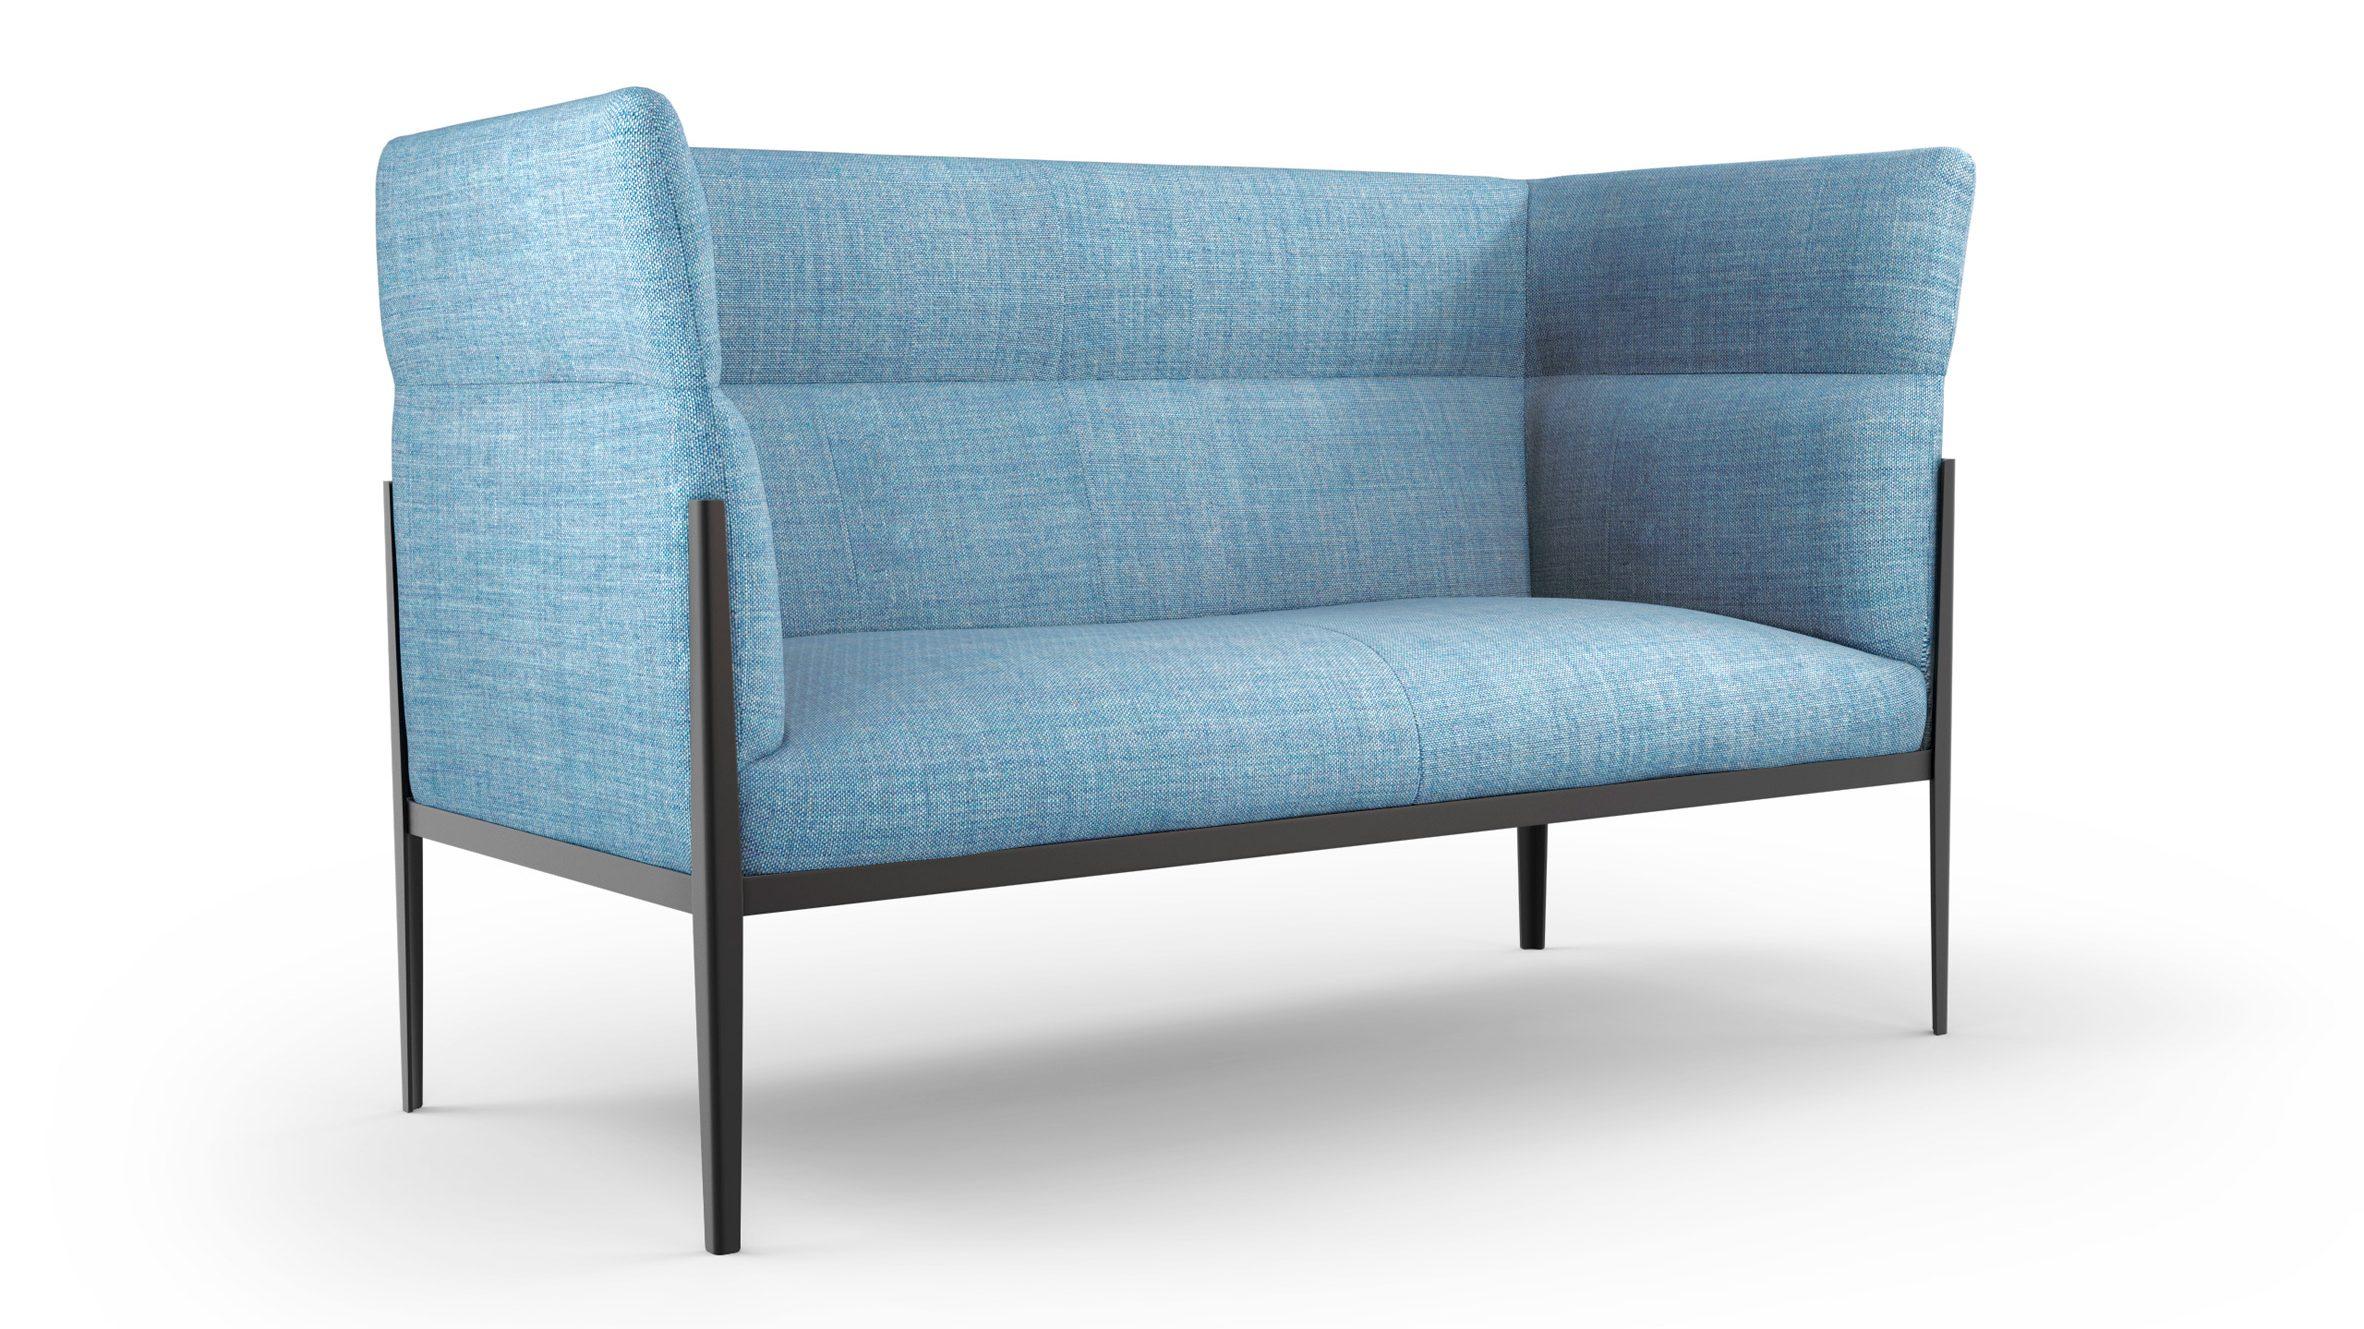 Light blue Cotone Slim sofa with a high back and black frame